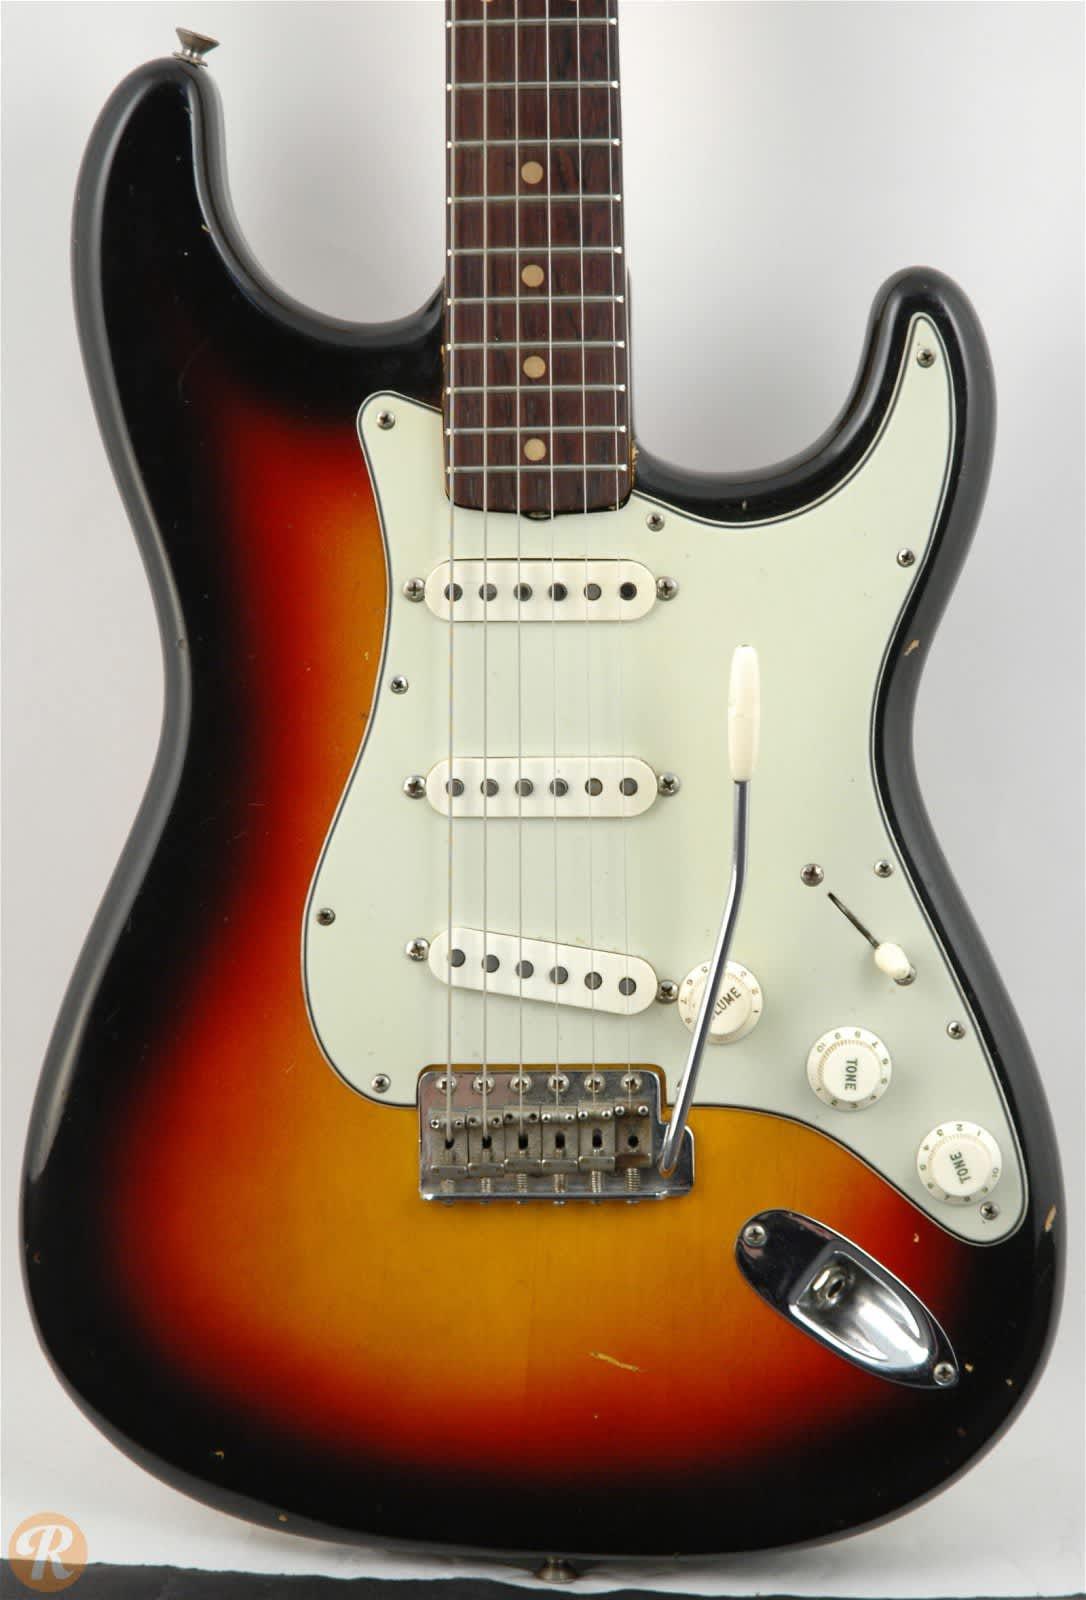 Fender Stratocaster 1962 Sunburst Price Guide Reverb